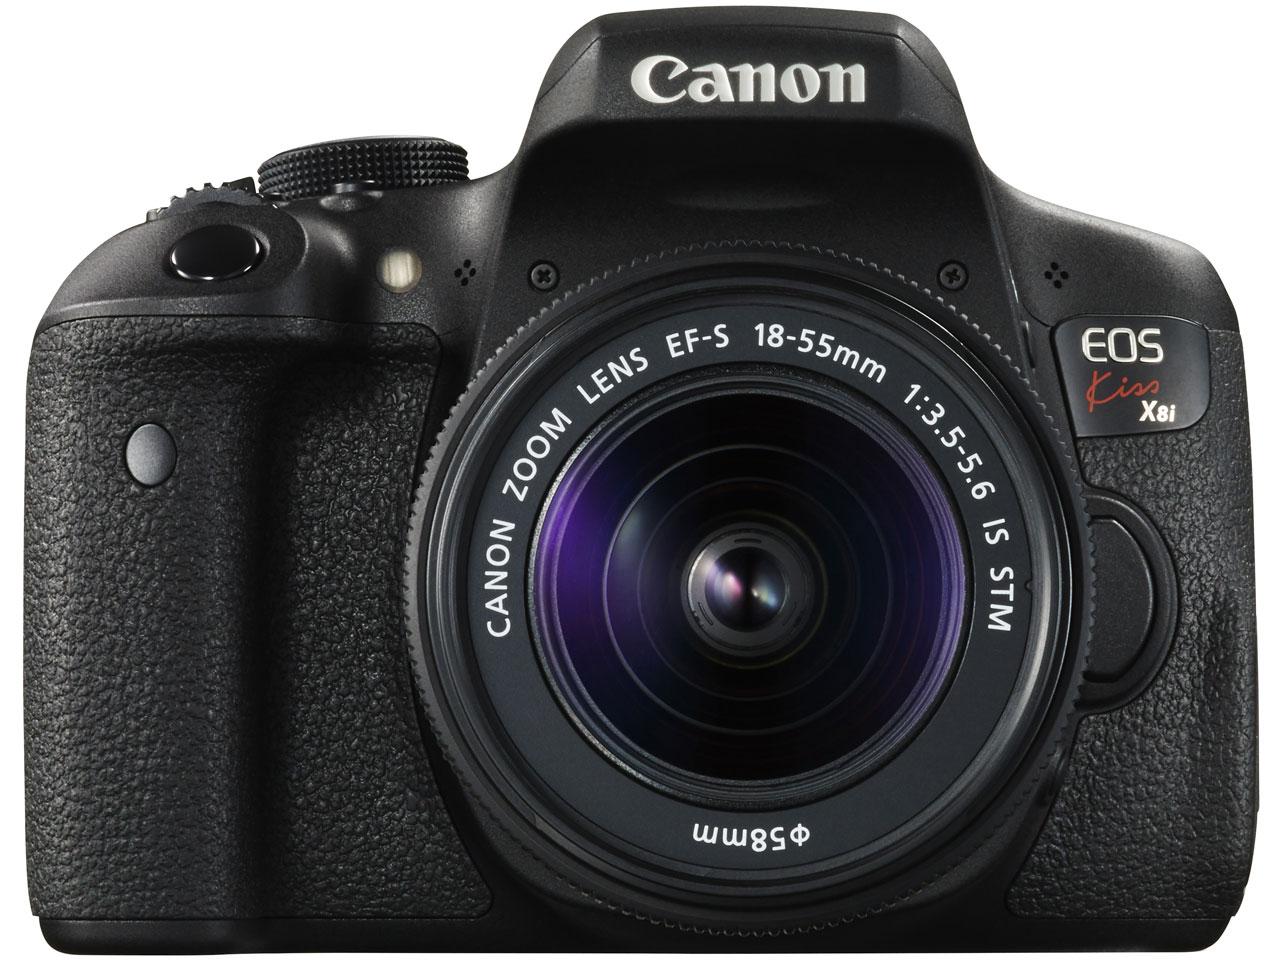 CANON(キヤノン) EOS Kiss X8i ダブルズームキットデジタル一眼カメラ/